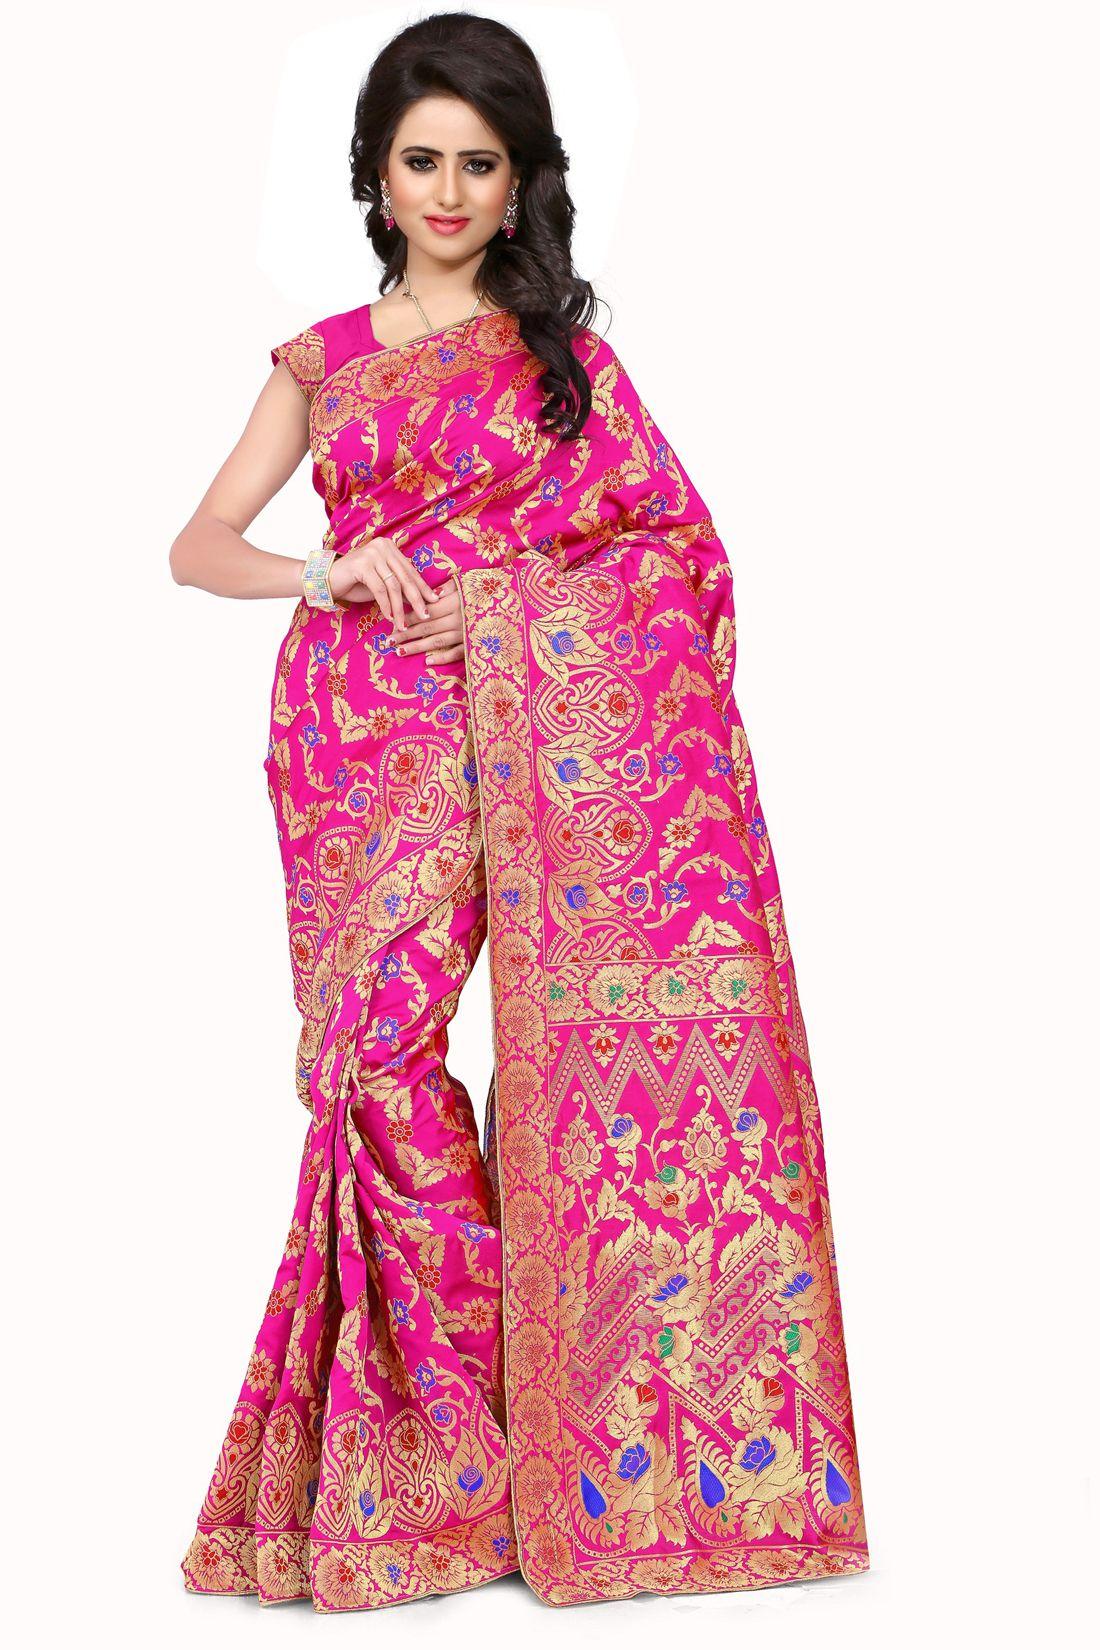 Tissue silk saree womenus banarasi silk pink jaal saree  modern trend of saree